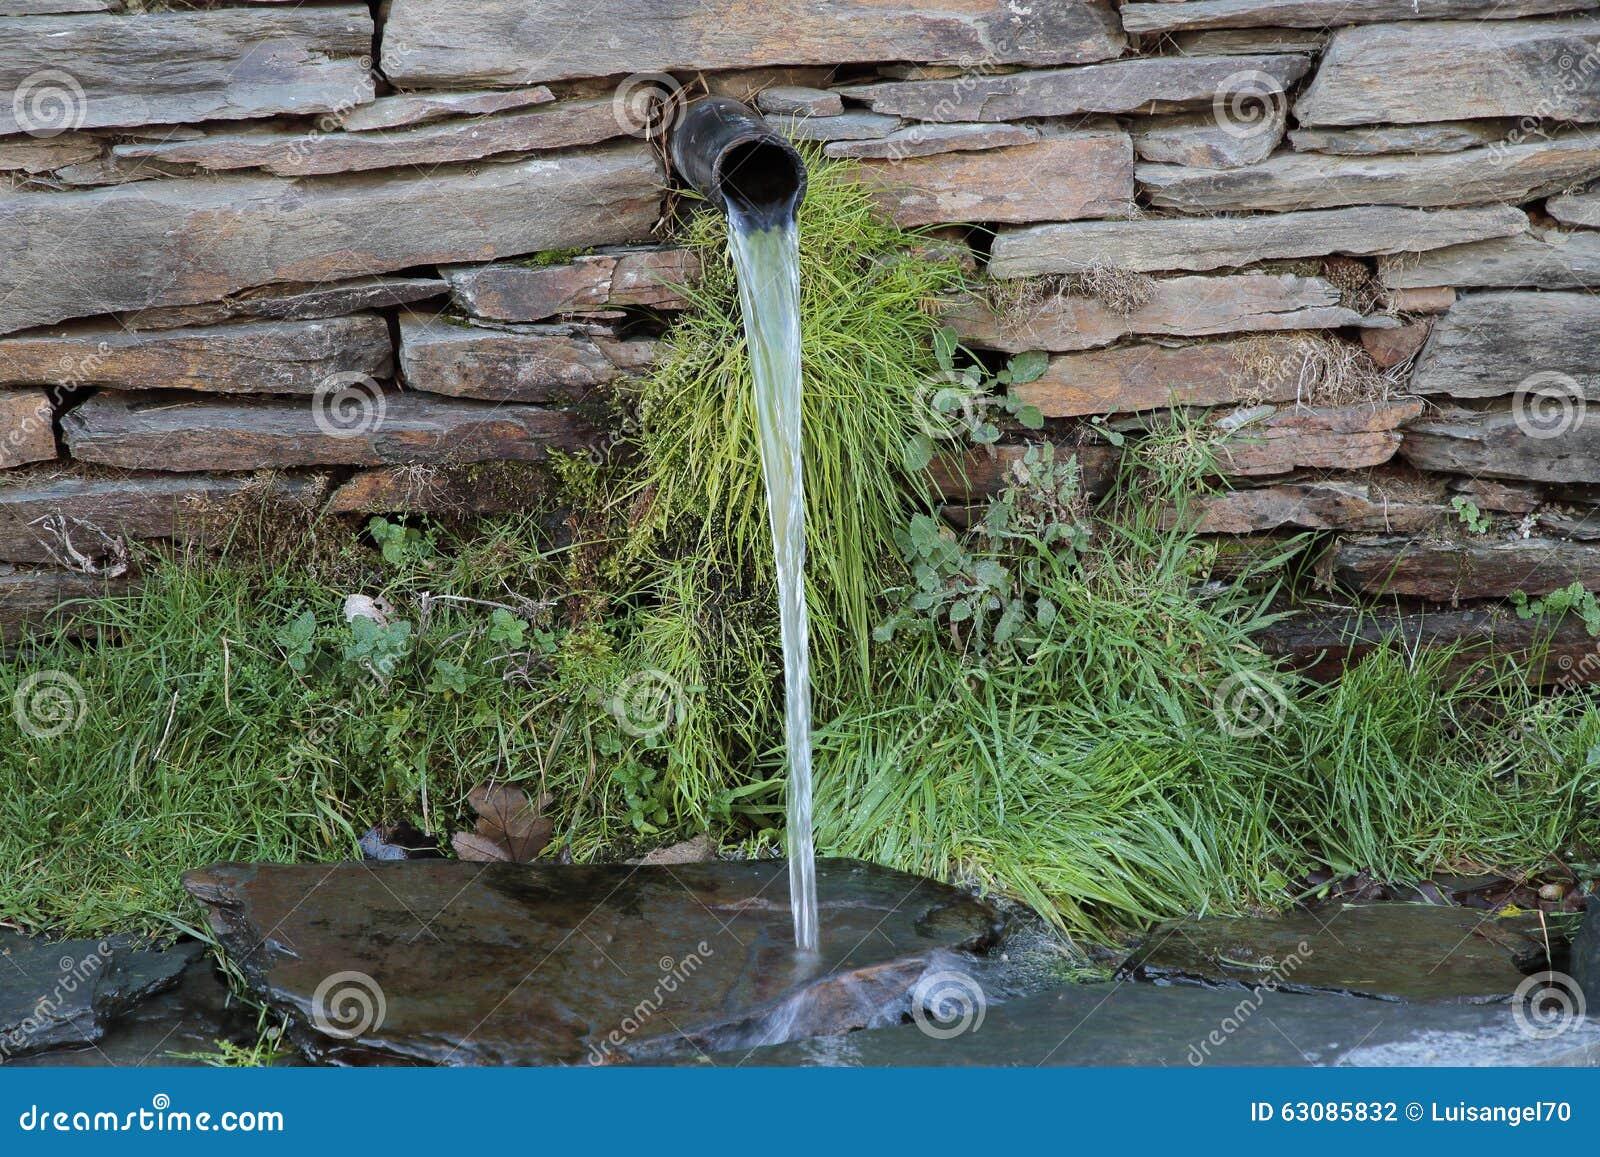 Download Jet d'eau photo stock. Image du sécheresse, architecture - 63085832